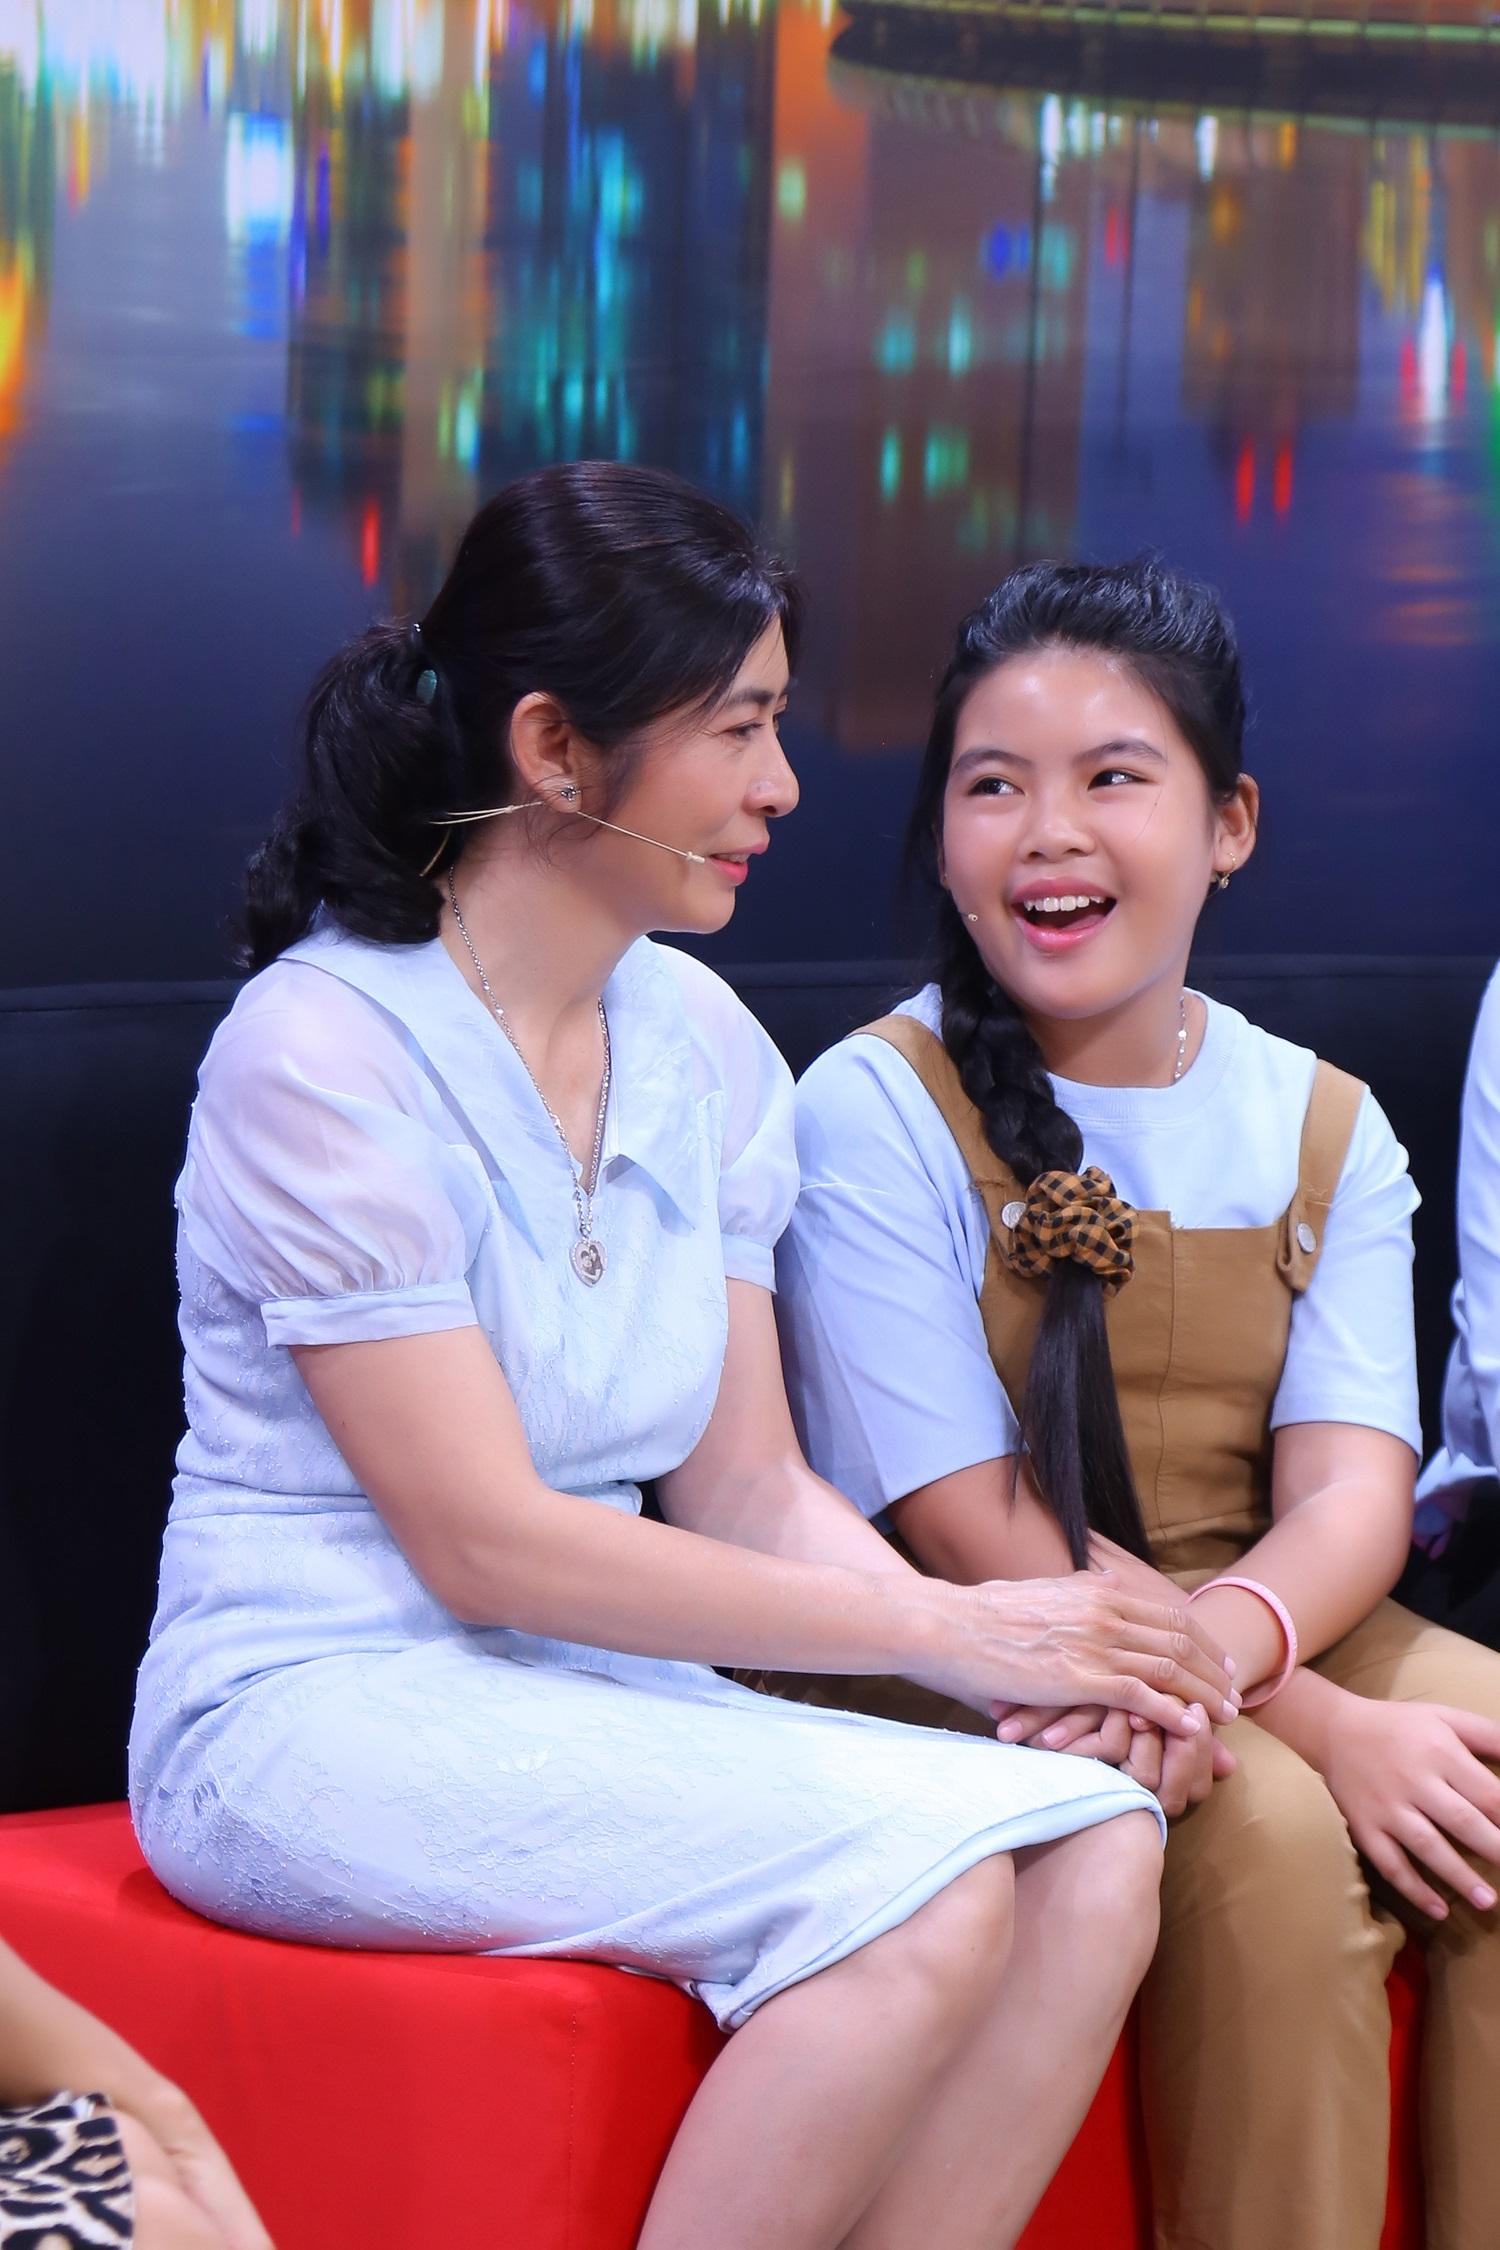 Ốc Thanh Vân bất ngờ vì phản ứng của cô bé 8 tuổi khi ba đột ngột qua đời - 1